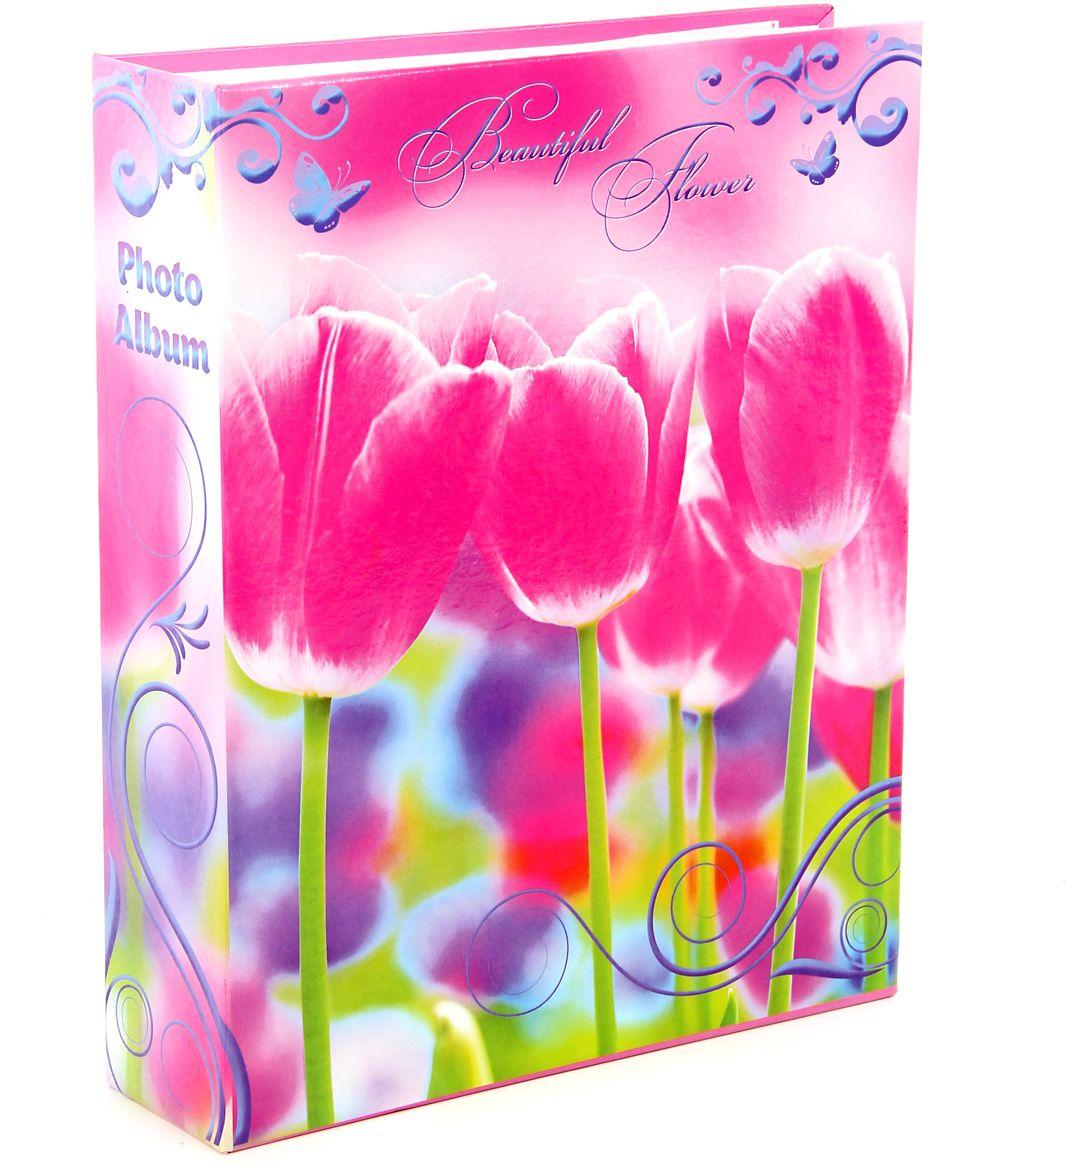 Фотоальбом Pioneer Beautiful Flower2, цвет: розовый, 200 фото, 10 х 15 см46207 LM-4R200Тип обложки: ламинированный картон. Тип листов: бумажные. Тип переплета: книжный. Кол-во фотографий: 200. Материалы, использованные в изготовлении альбома, обеспечивают высокое качество хранения Ваших фотографий, поэтому фотографии не желтеют со временем.